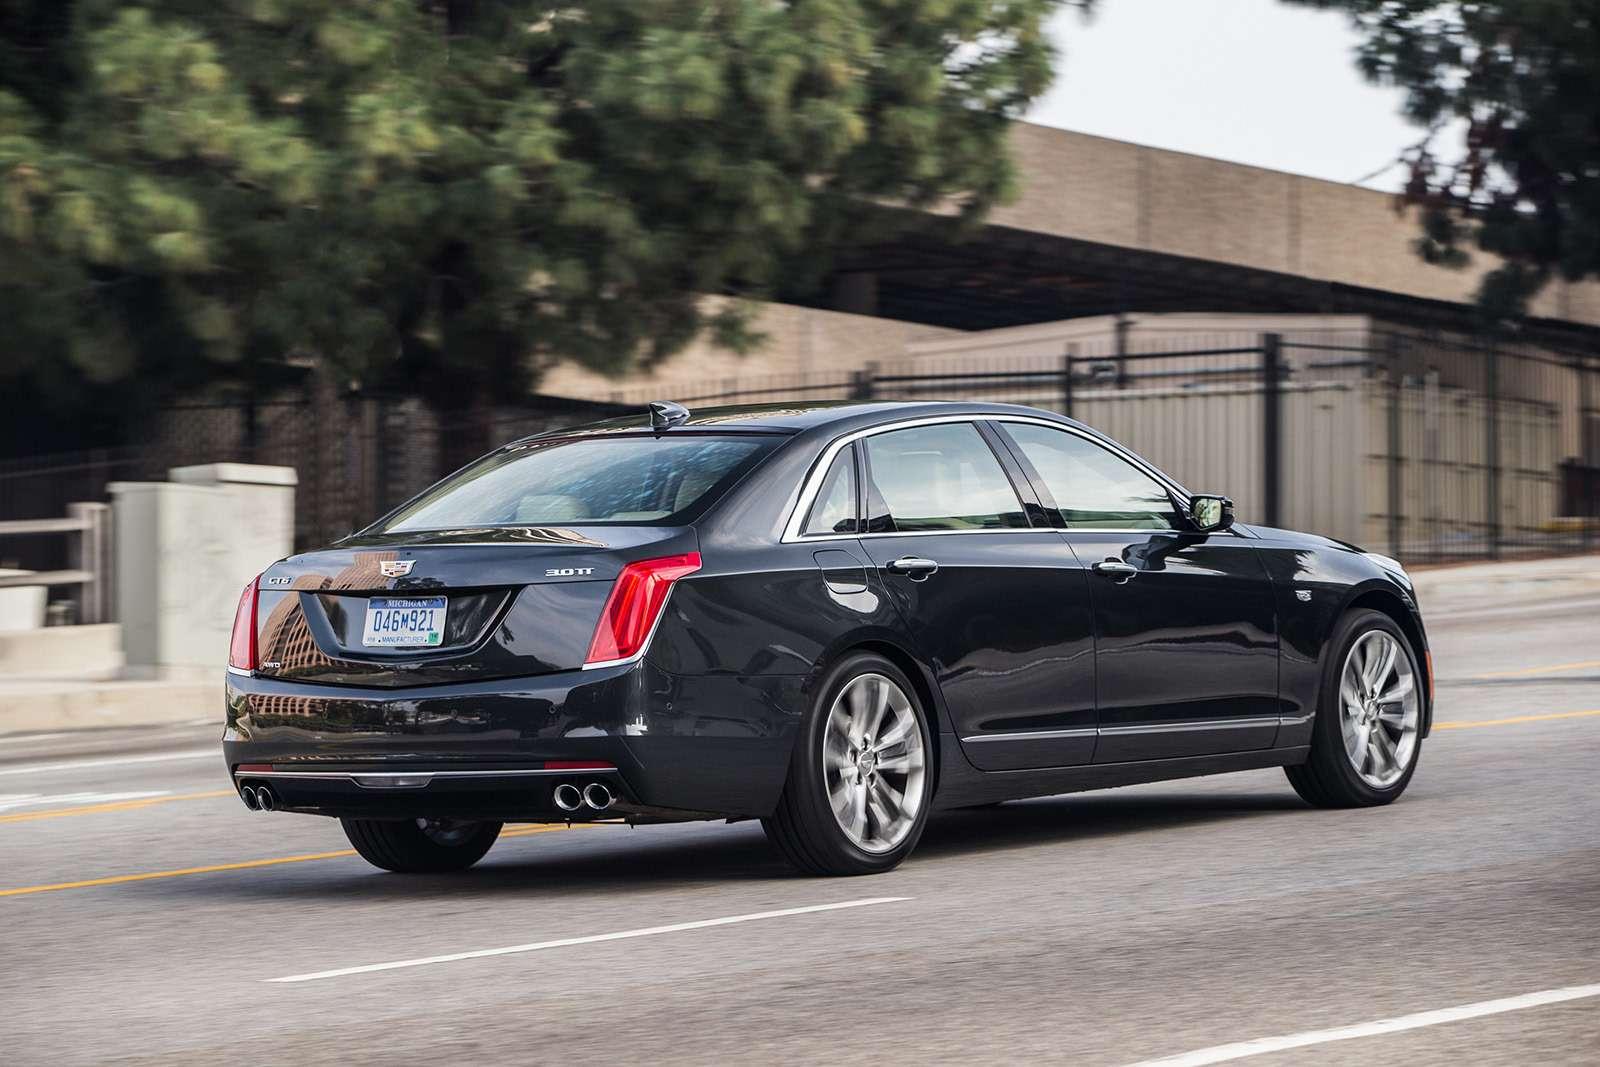 Флагманский седан Cadillac: цены икомплектации вРоссии— фото 823419